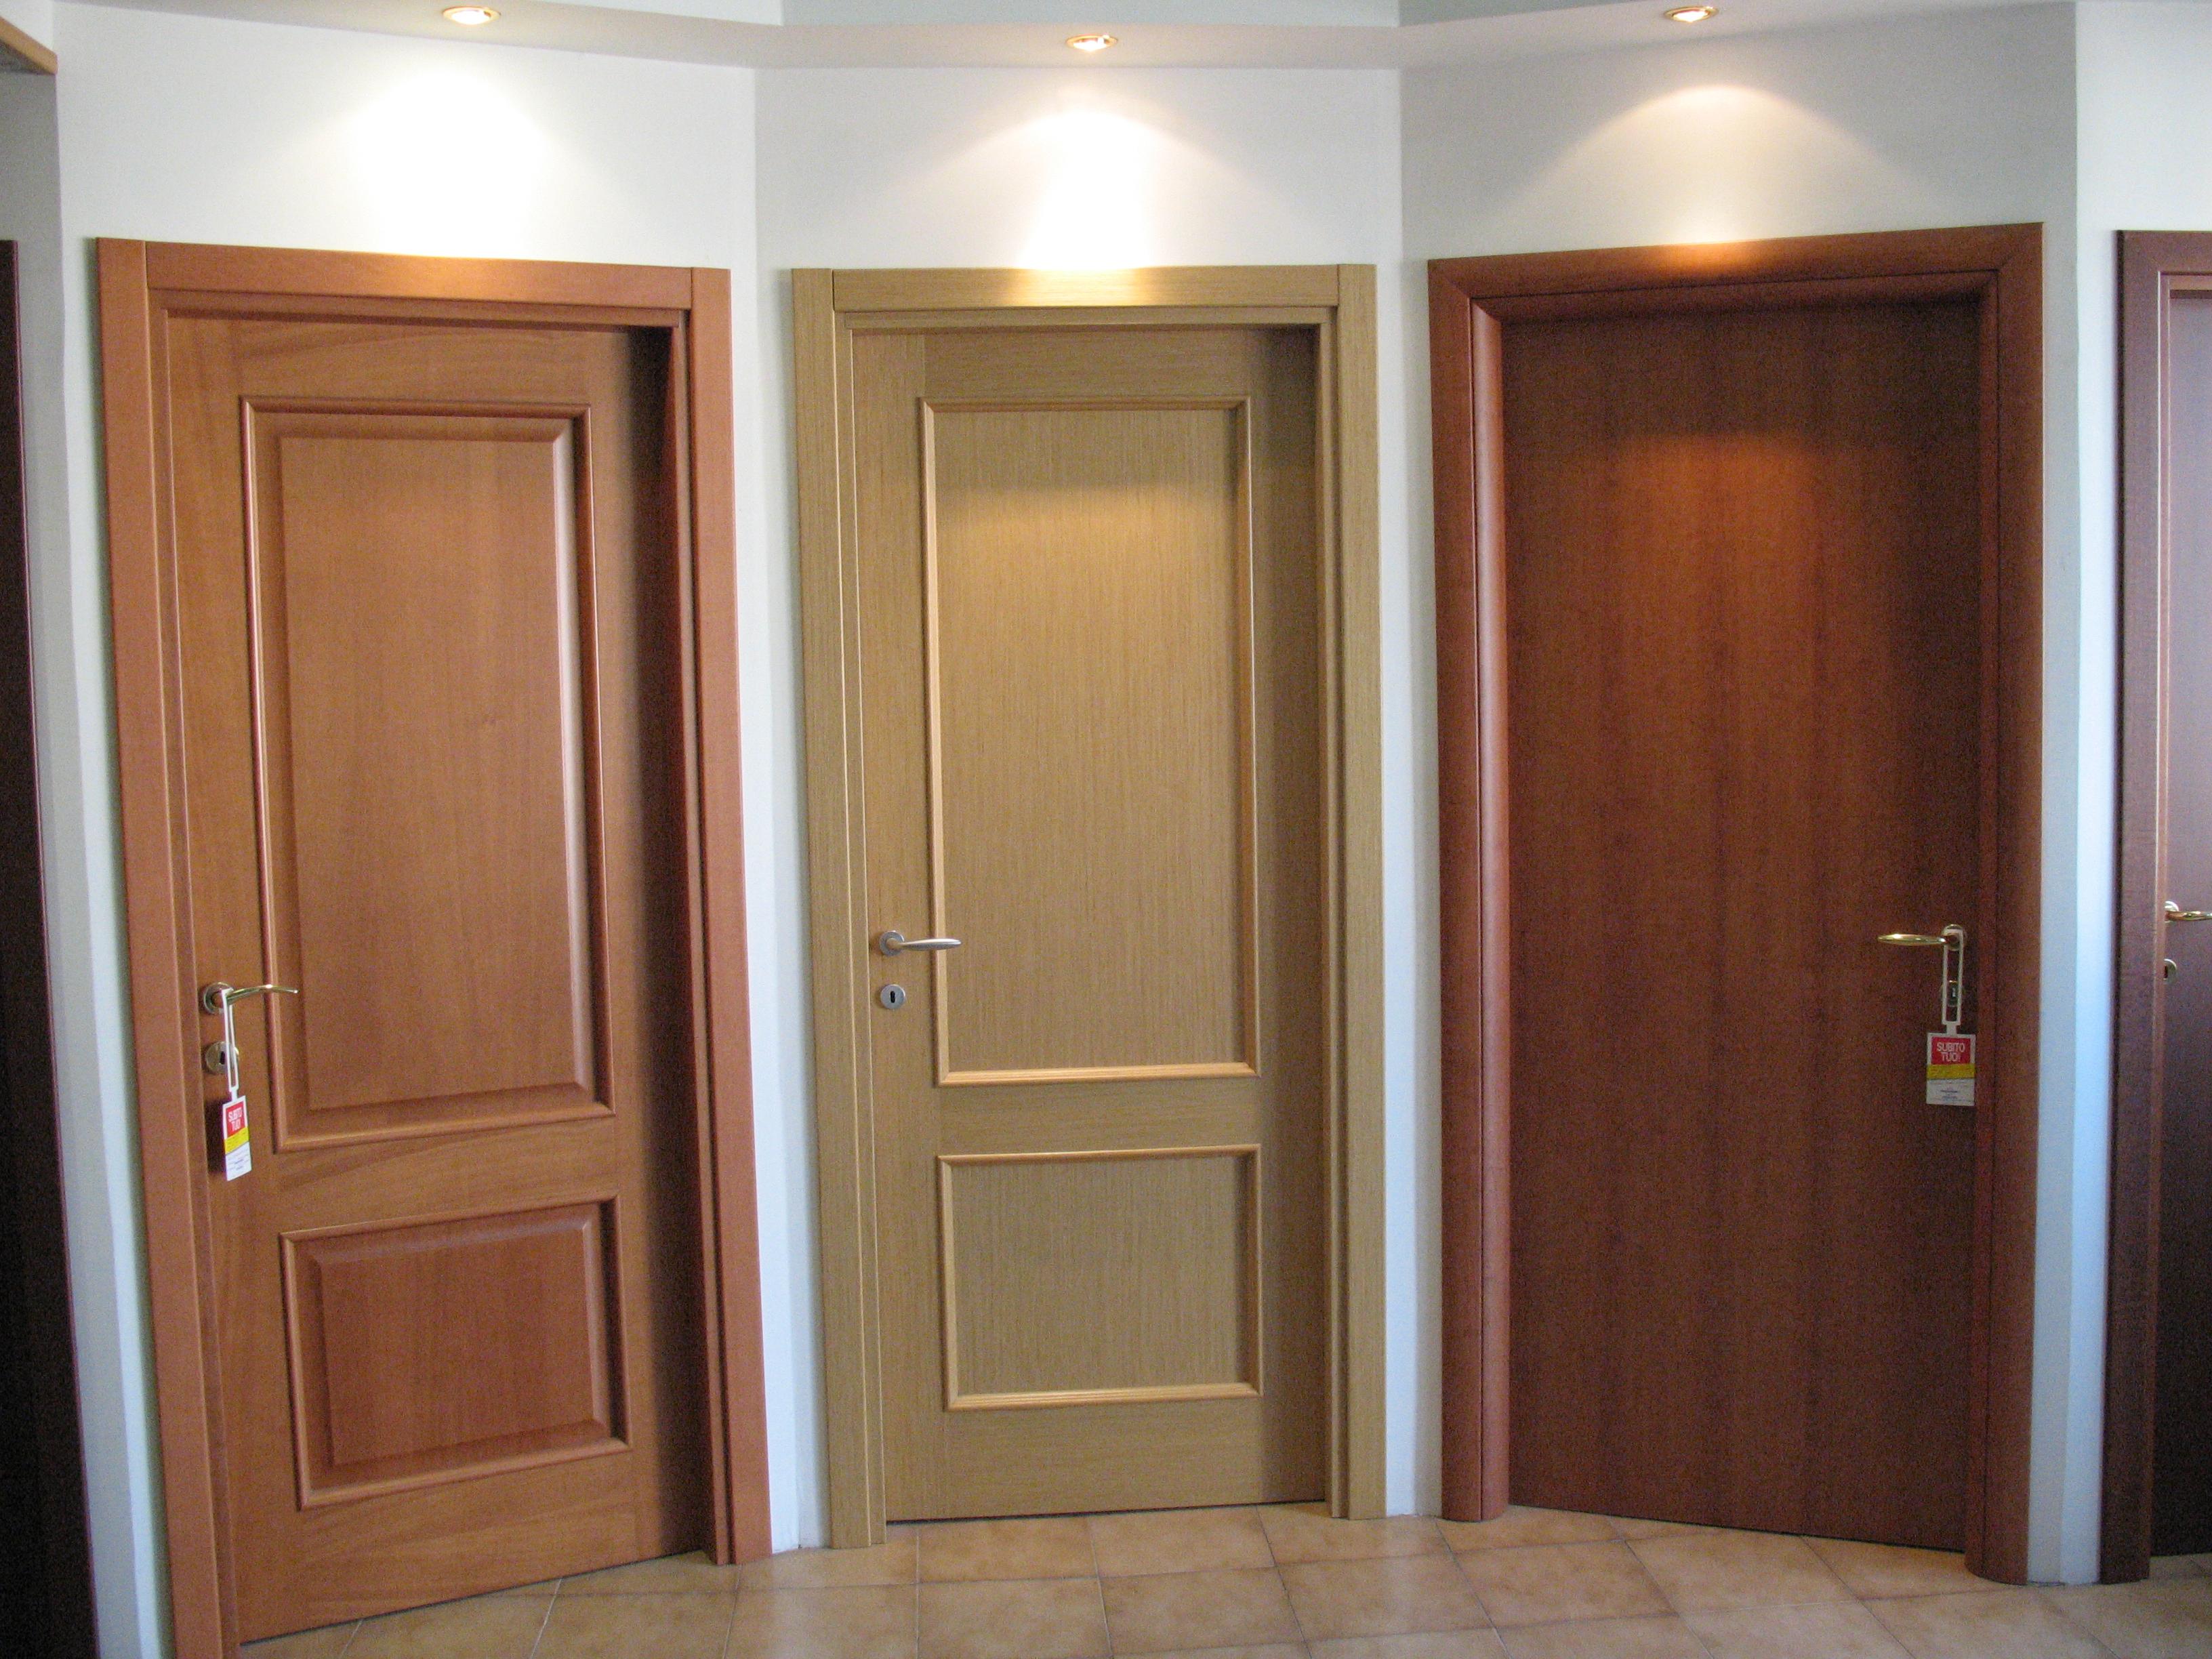 Show room porte da interni 45 54 la falegnameria - Porte da interni ...